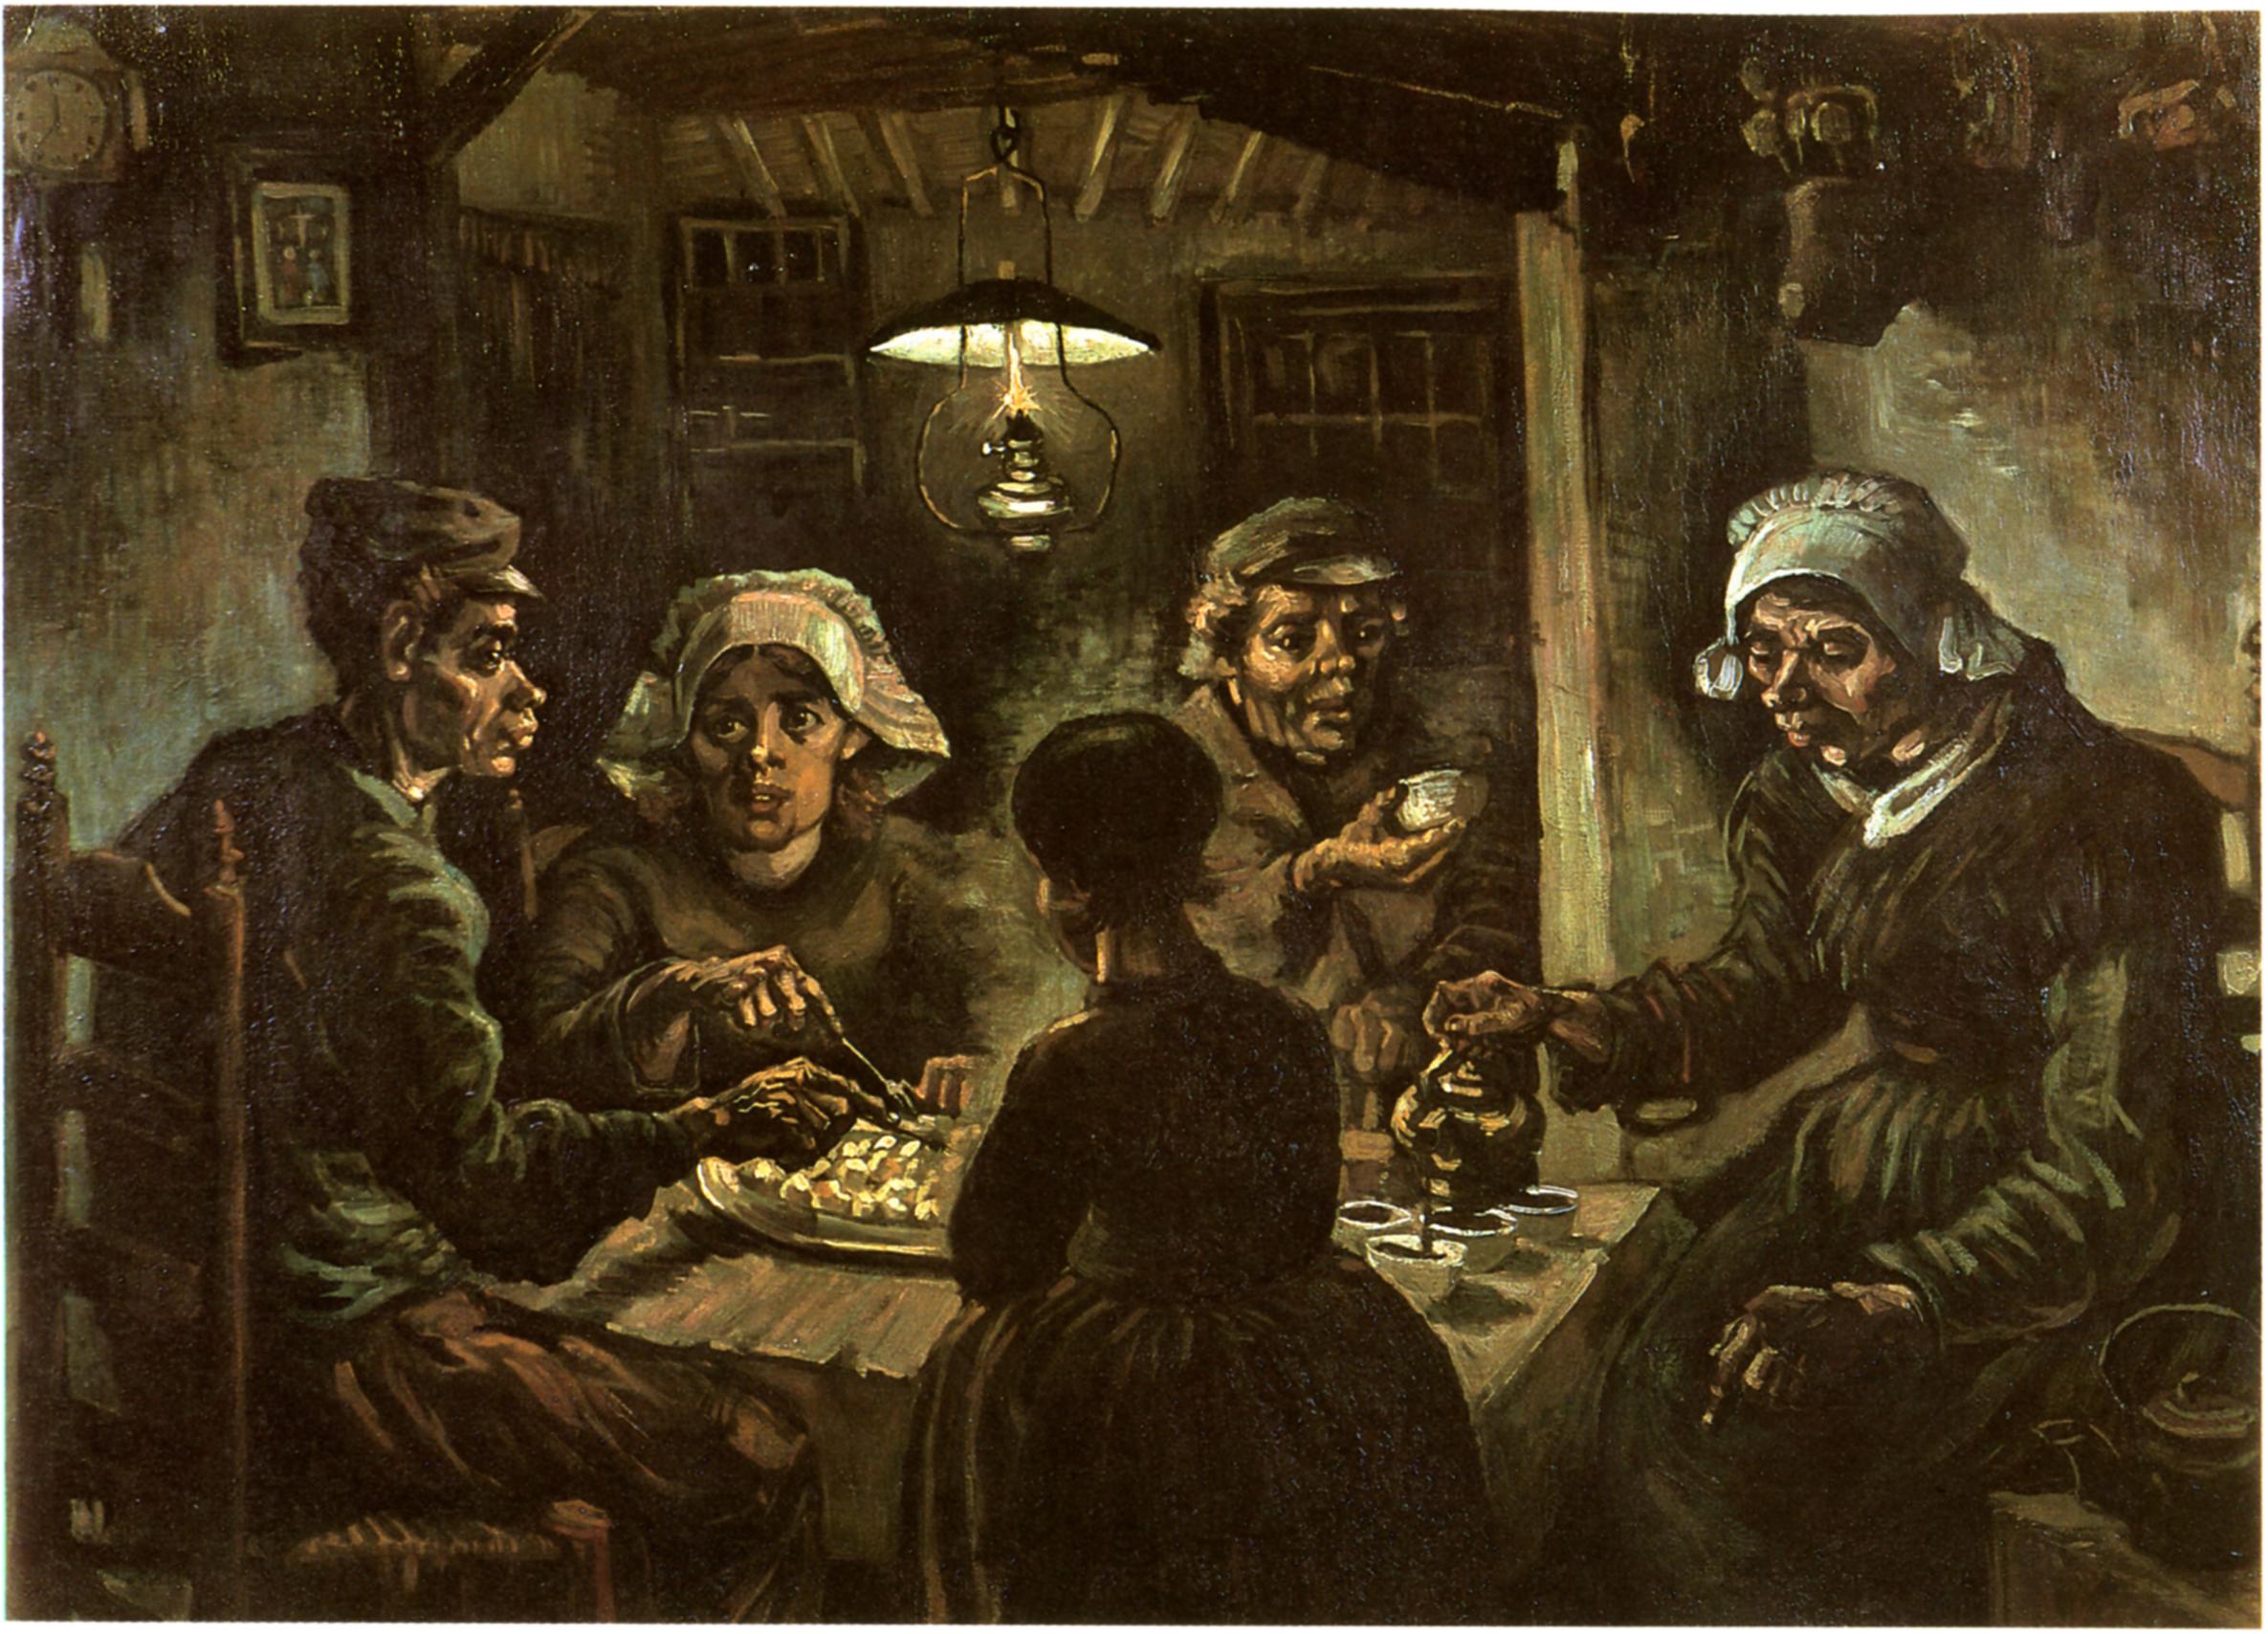 Kunstlinks kunst kunstgeschichte und kunstunterricht - Van gogh comedores de patatas ...